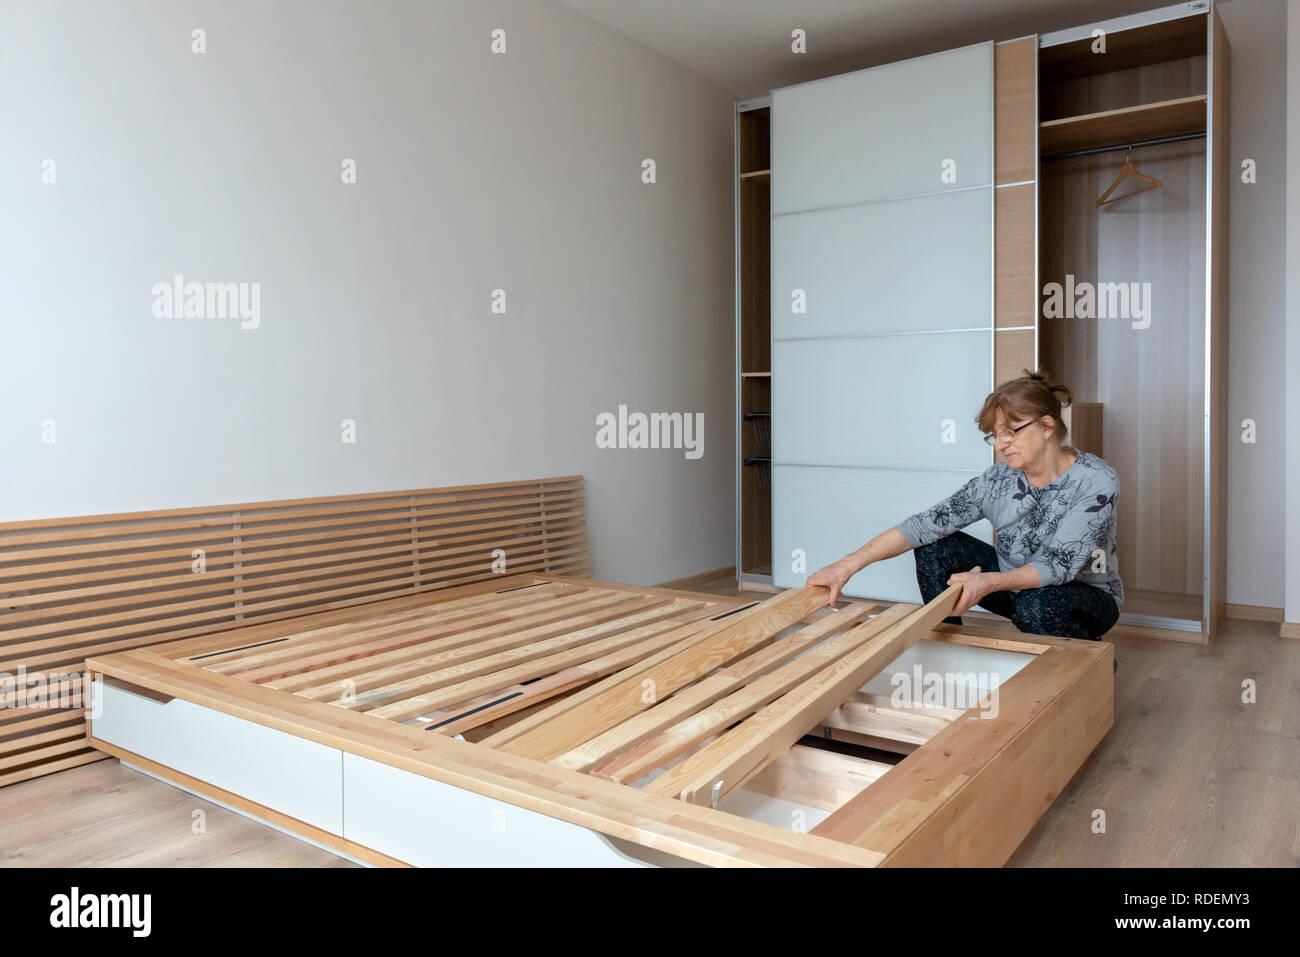 Ältere Frau ihre brandneue IKEA Bett aus Holz Montage in neu ...